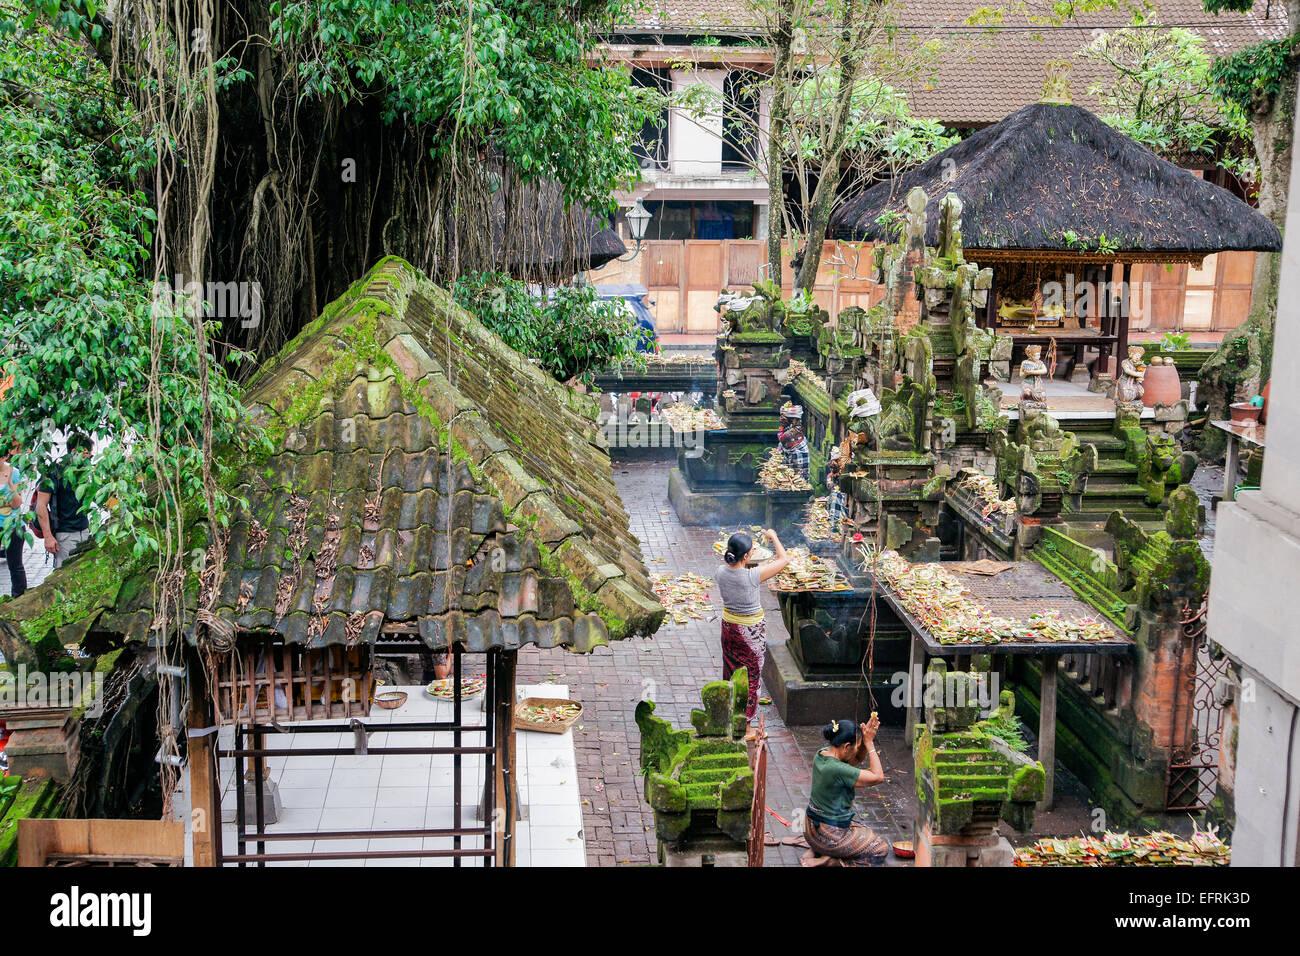 Ubud, Bali, Indonesia - Stock Image